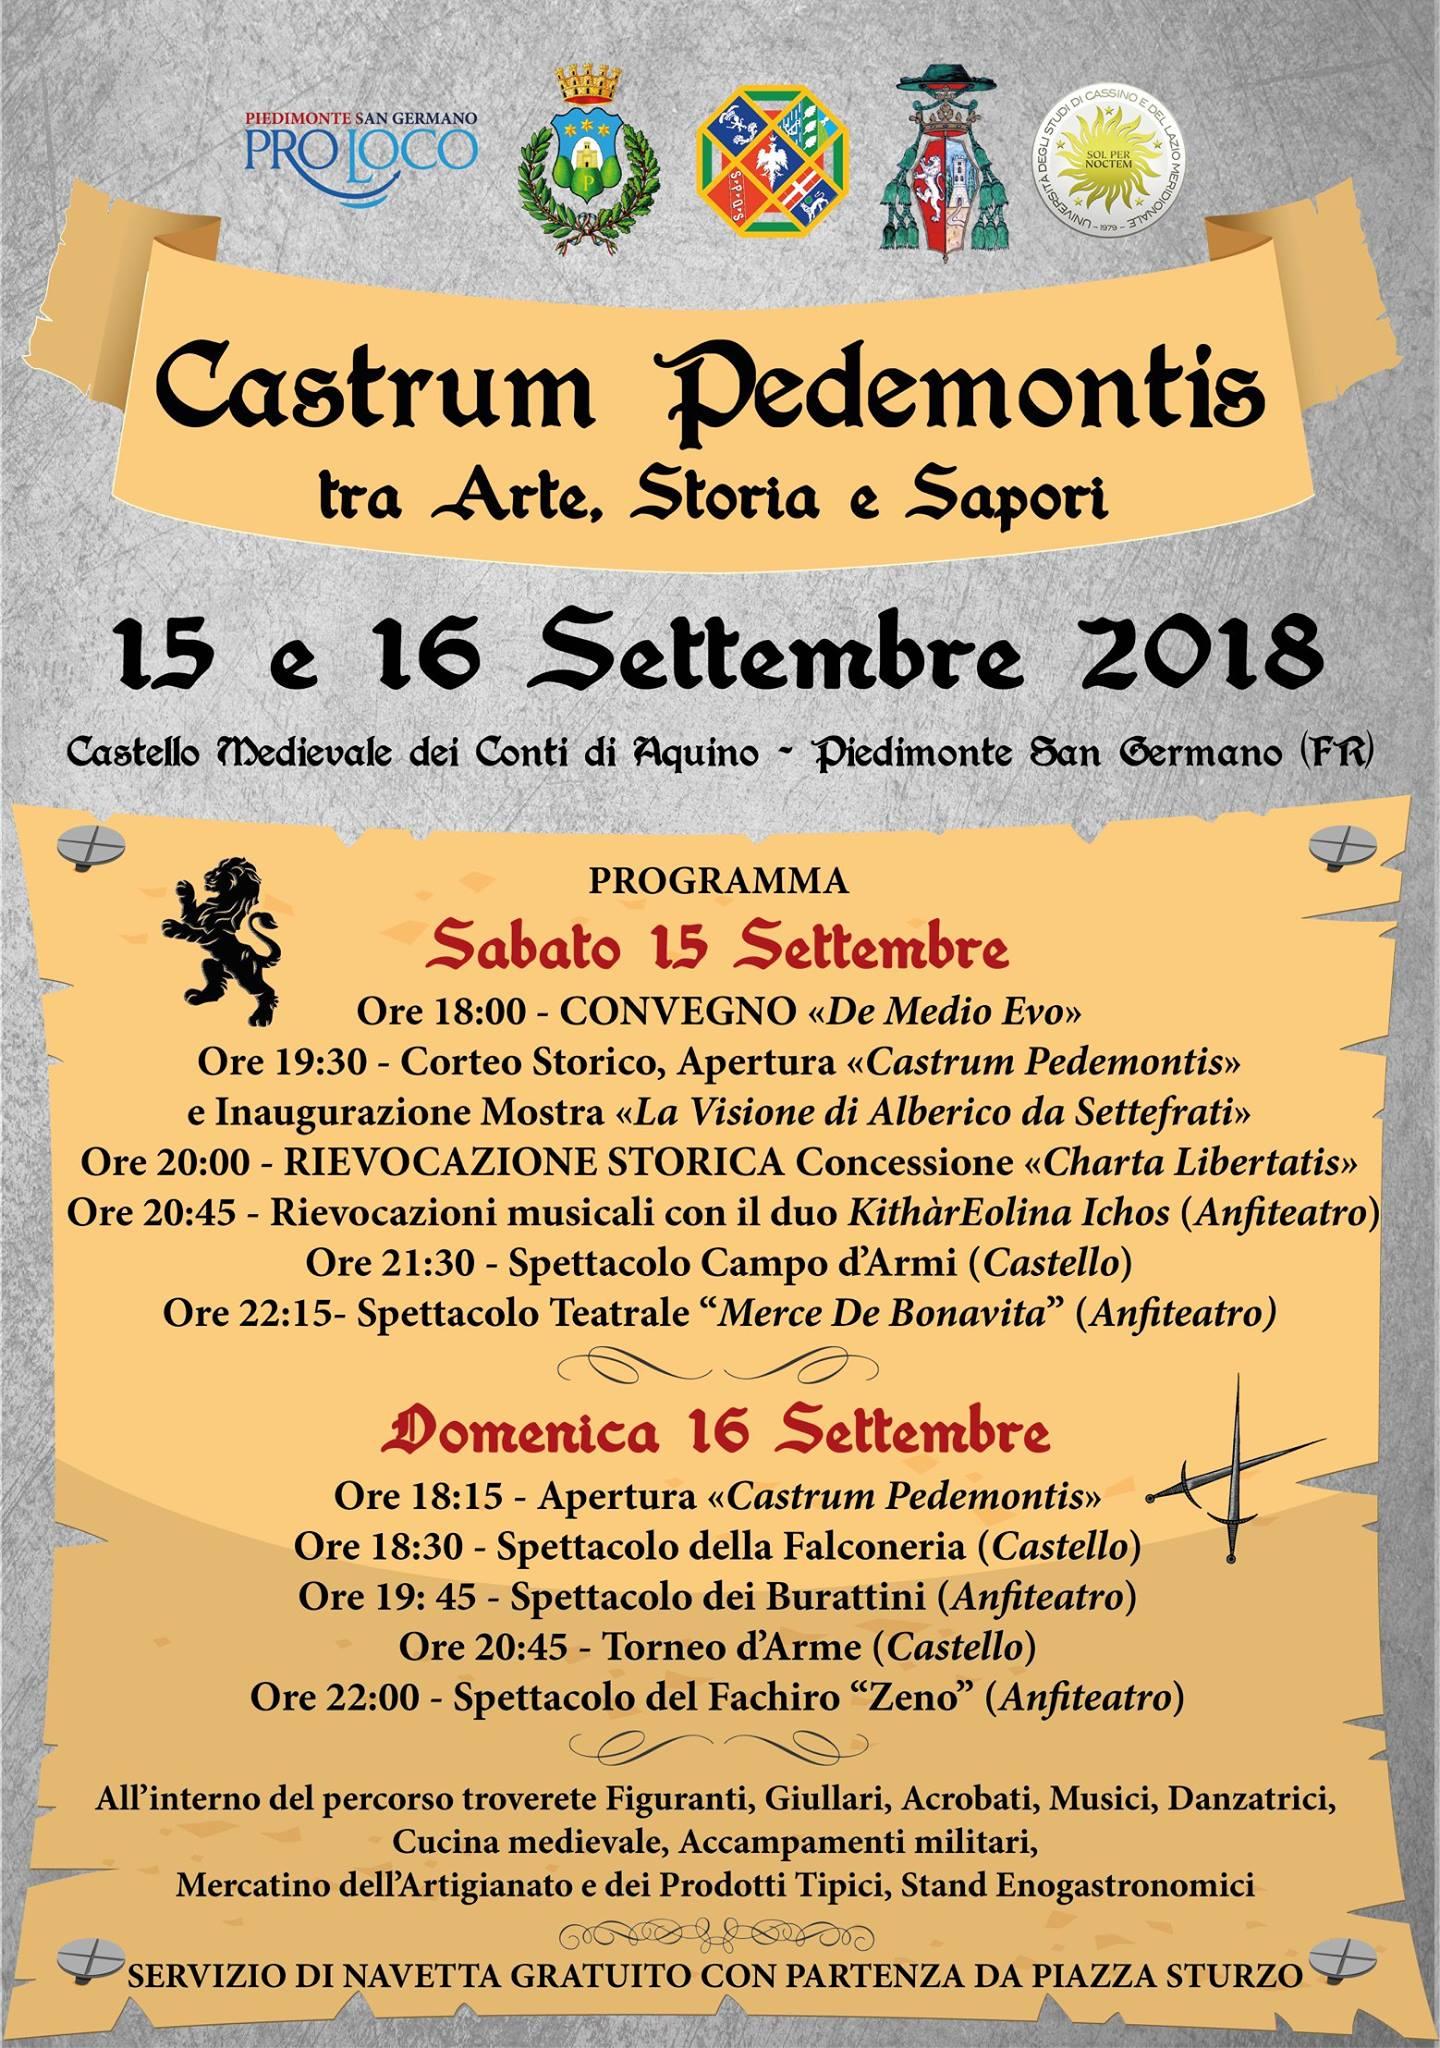 Castrum Pedemontis